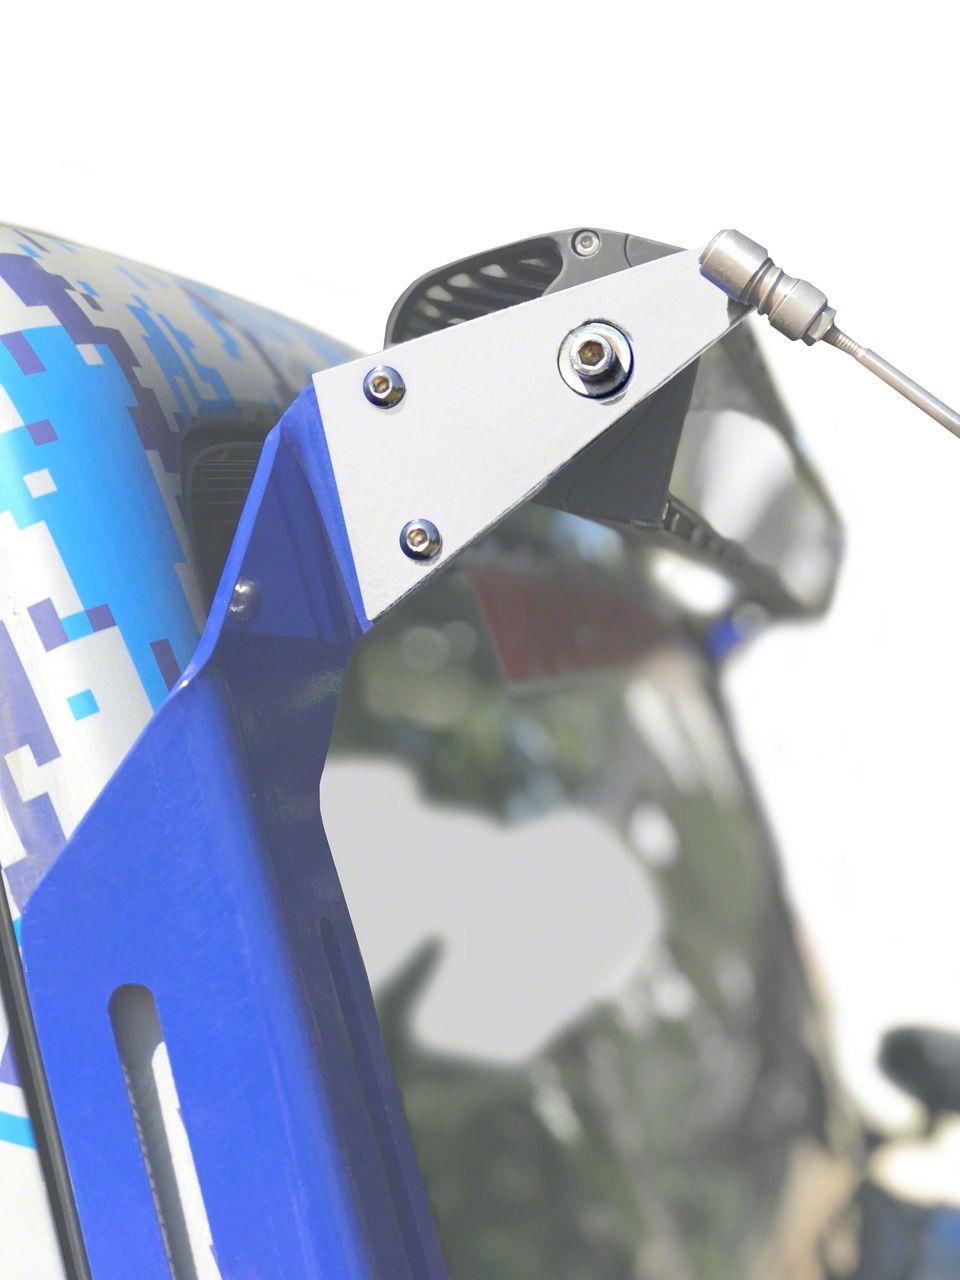 Steinjager A-Pillar Limb Riser Adaptor Brackets - Cloud White (07-18 Jeep Wrangler JK)